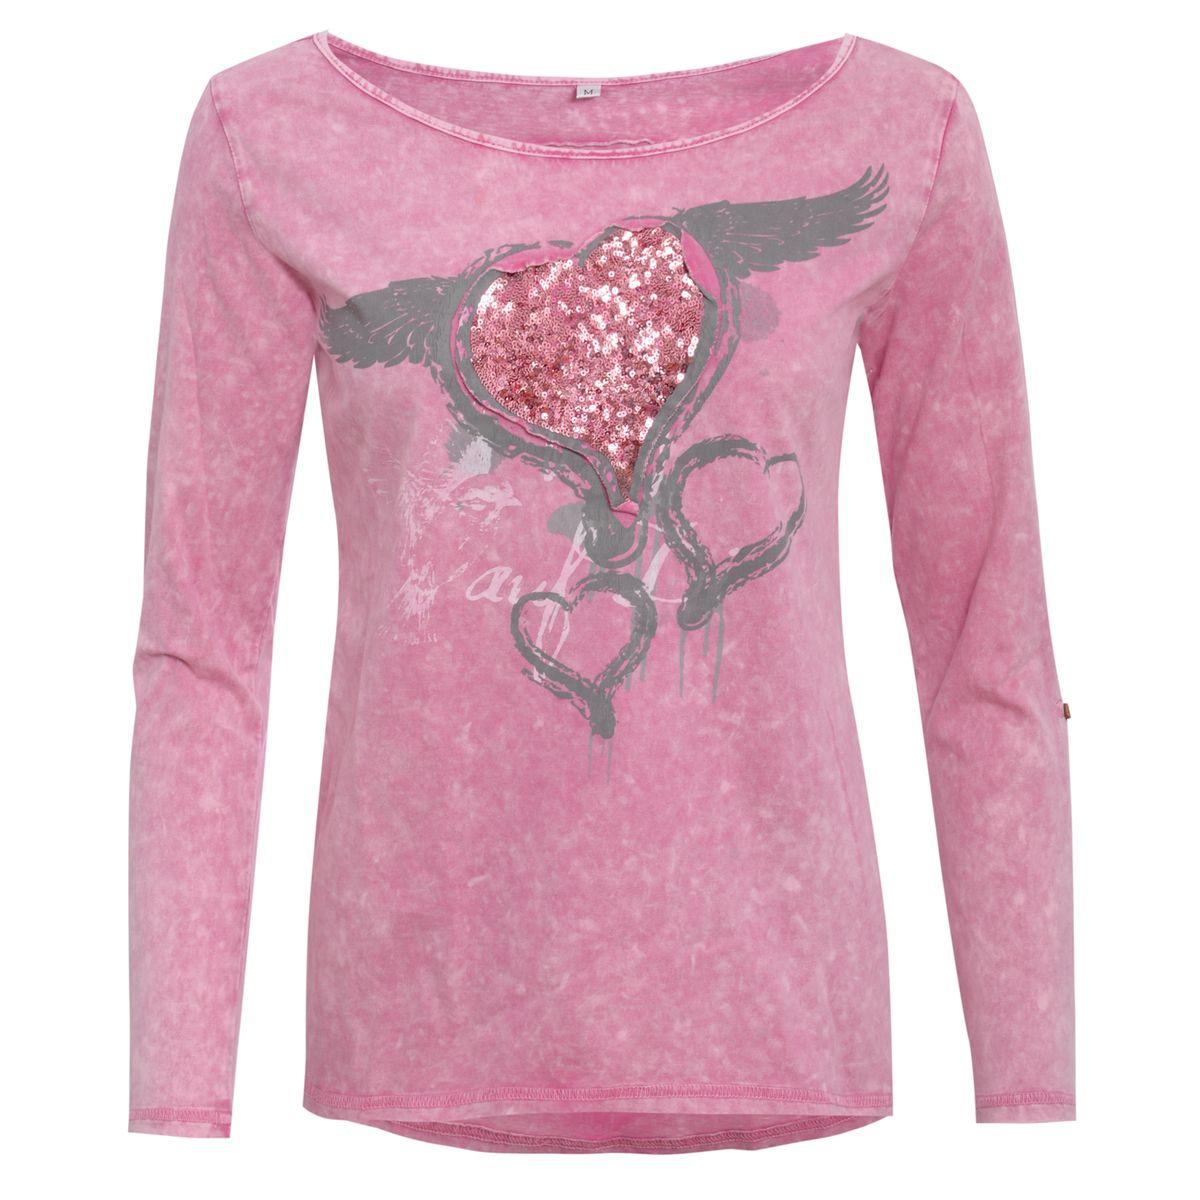 Trachtenshirt Fliaga in Pink von Marjo Trachten günstig online kaufen